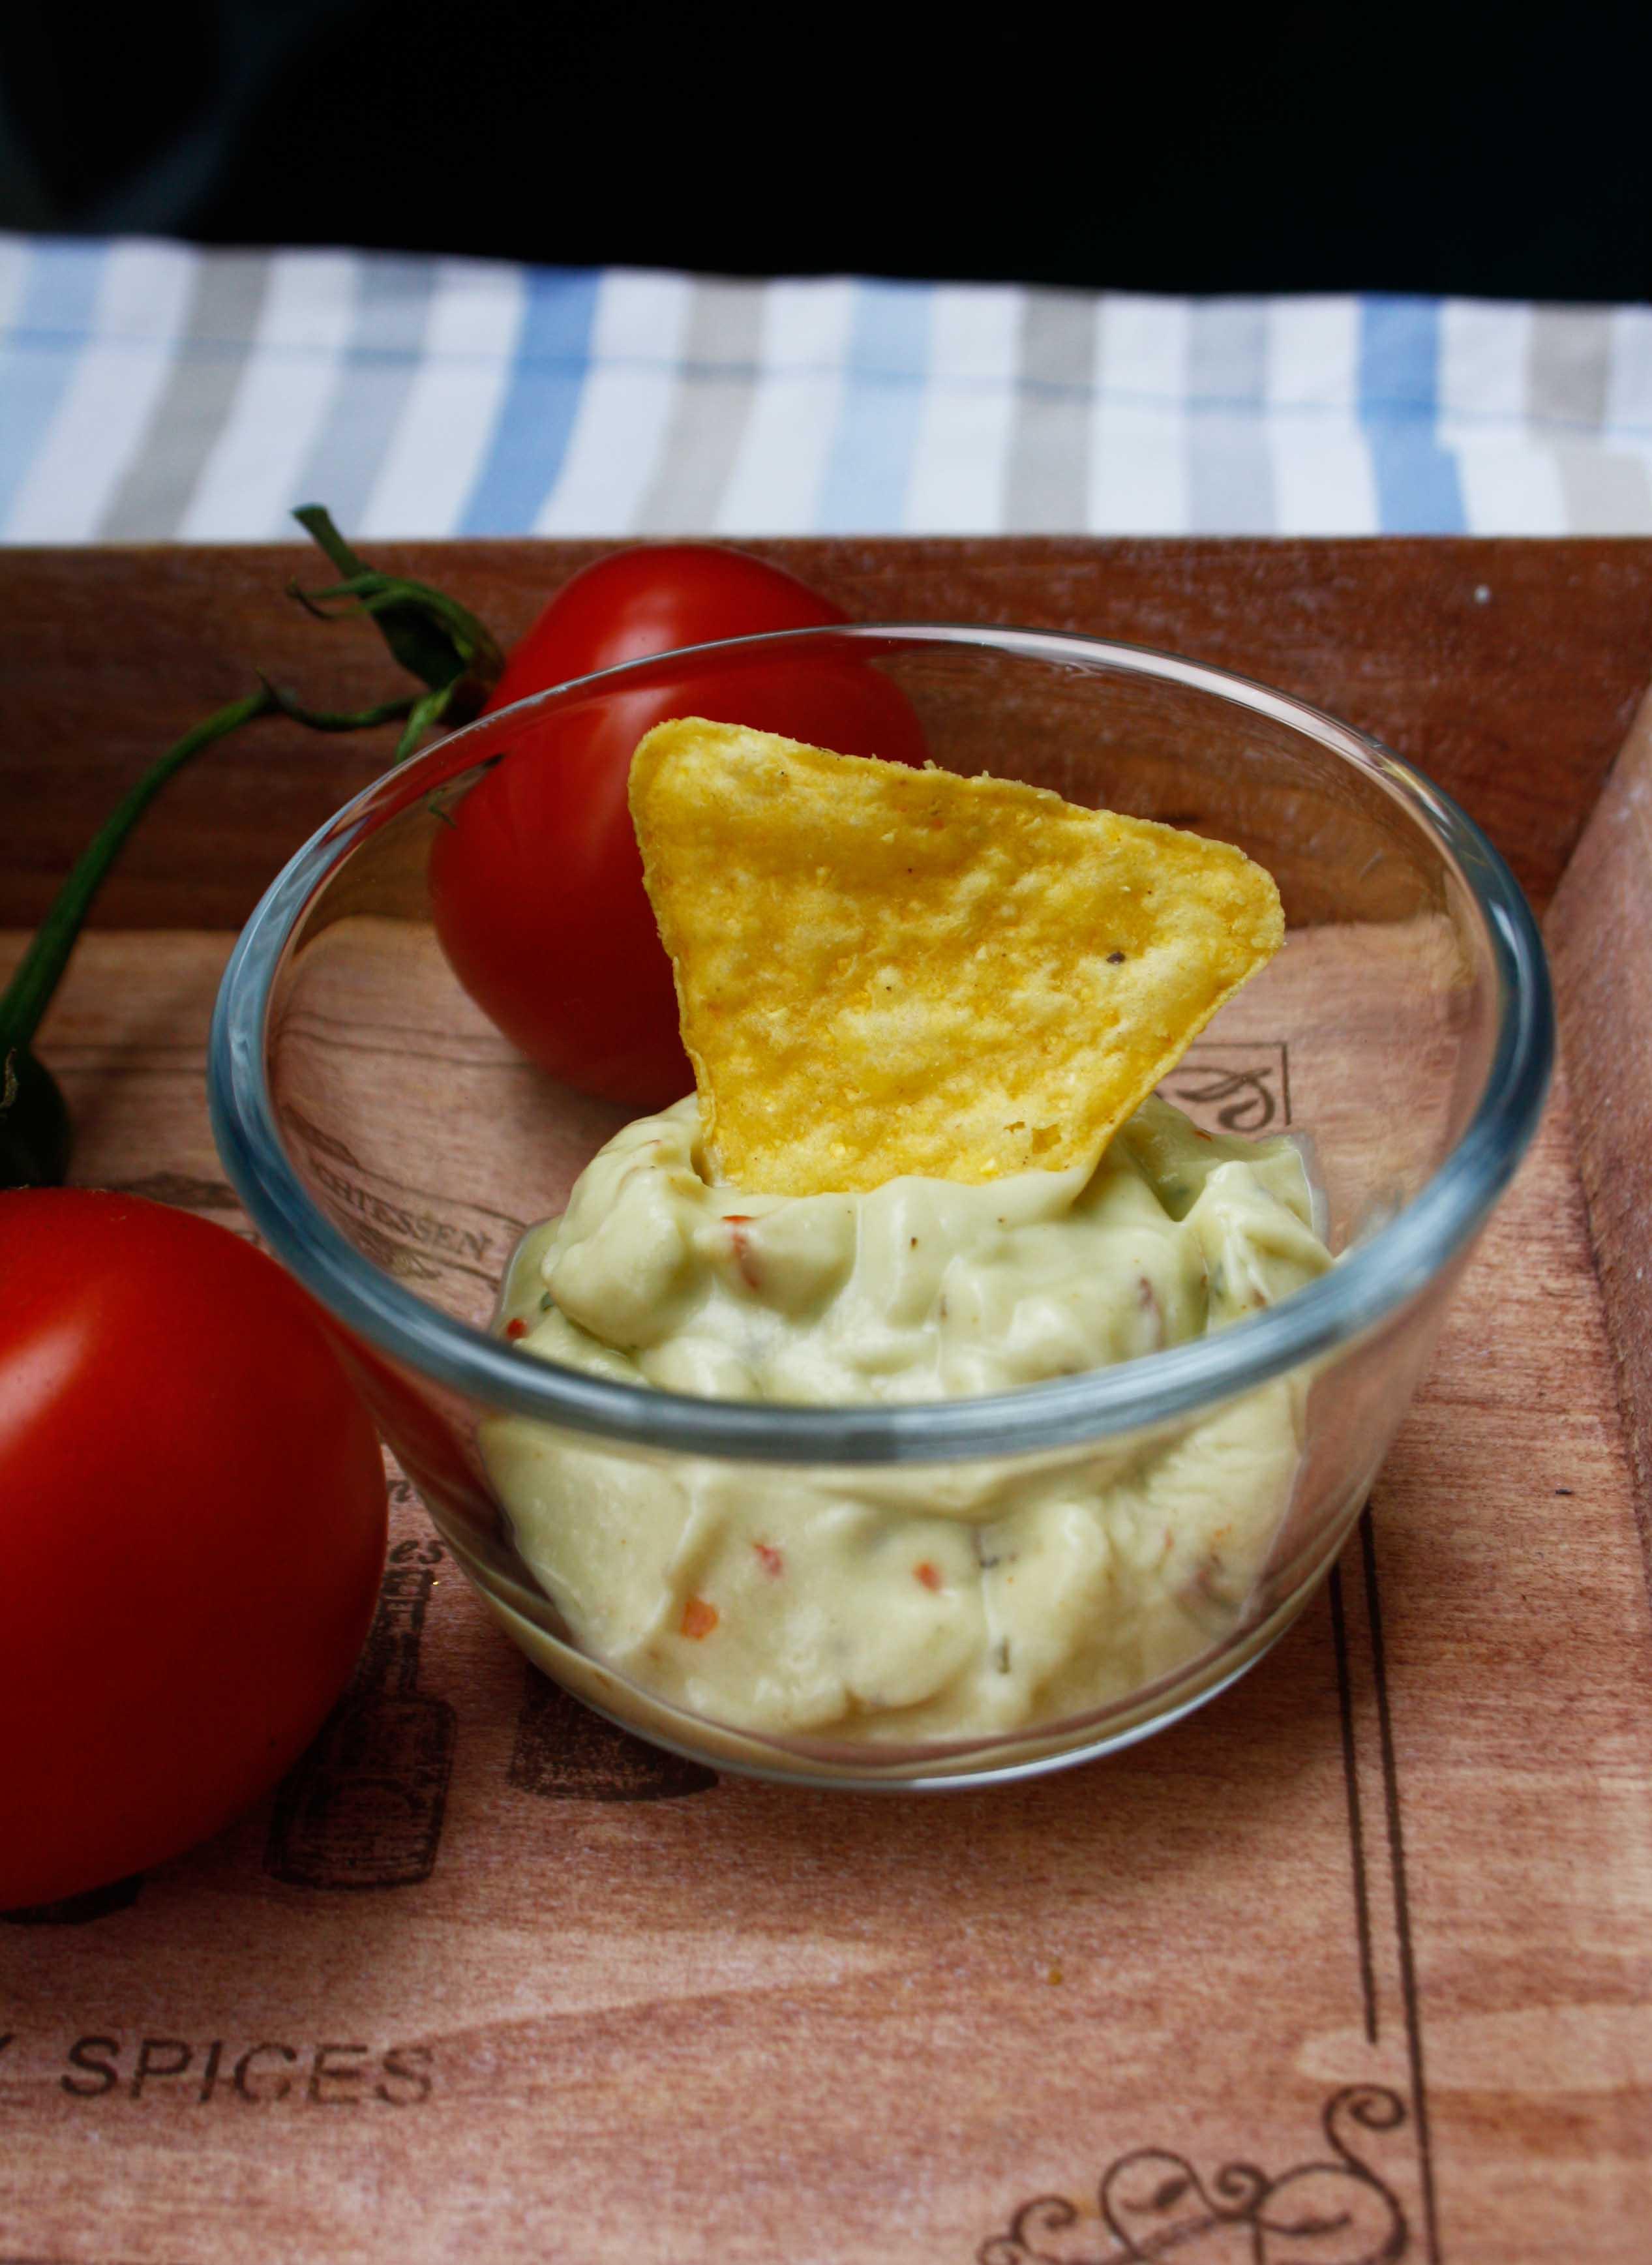 Guacamole-Dip By http://babyrockmyday.com/guacamole-dip/